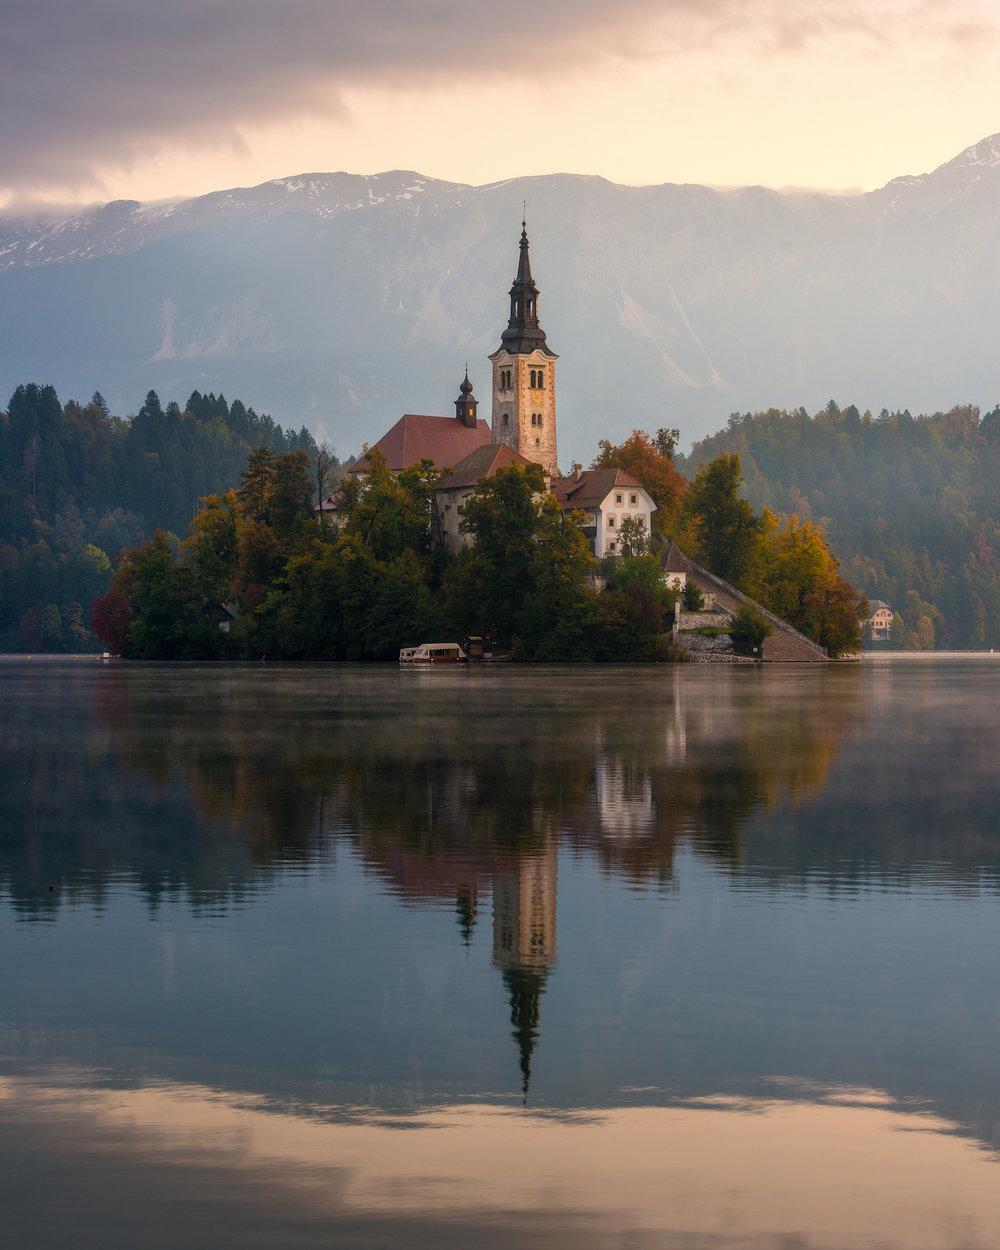 Bled, Slovenia - 2017